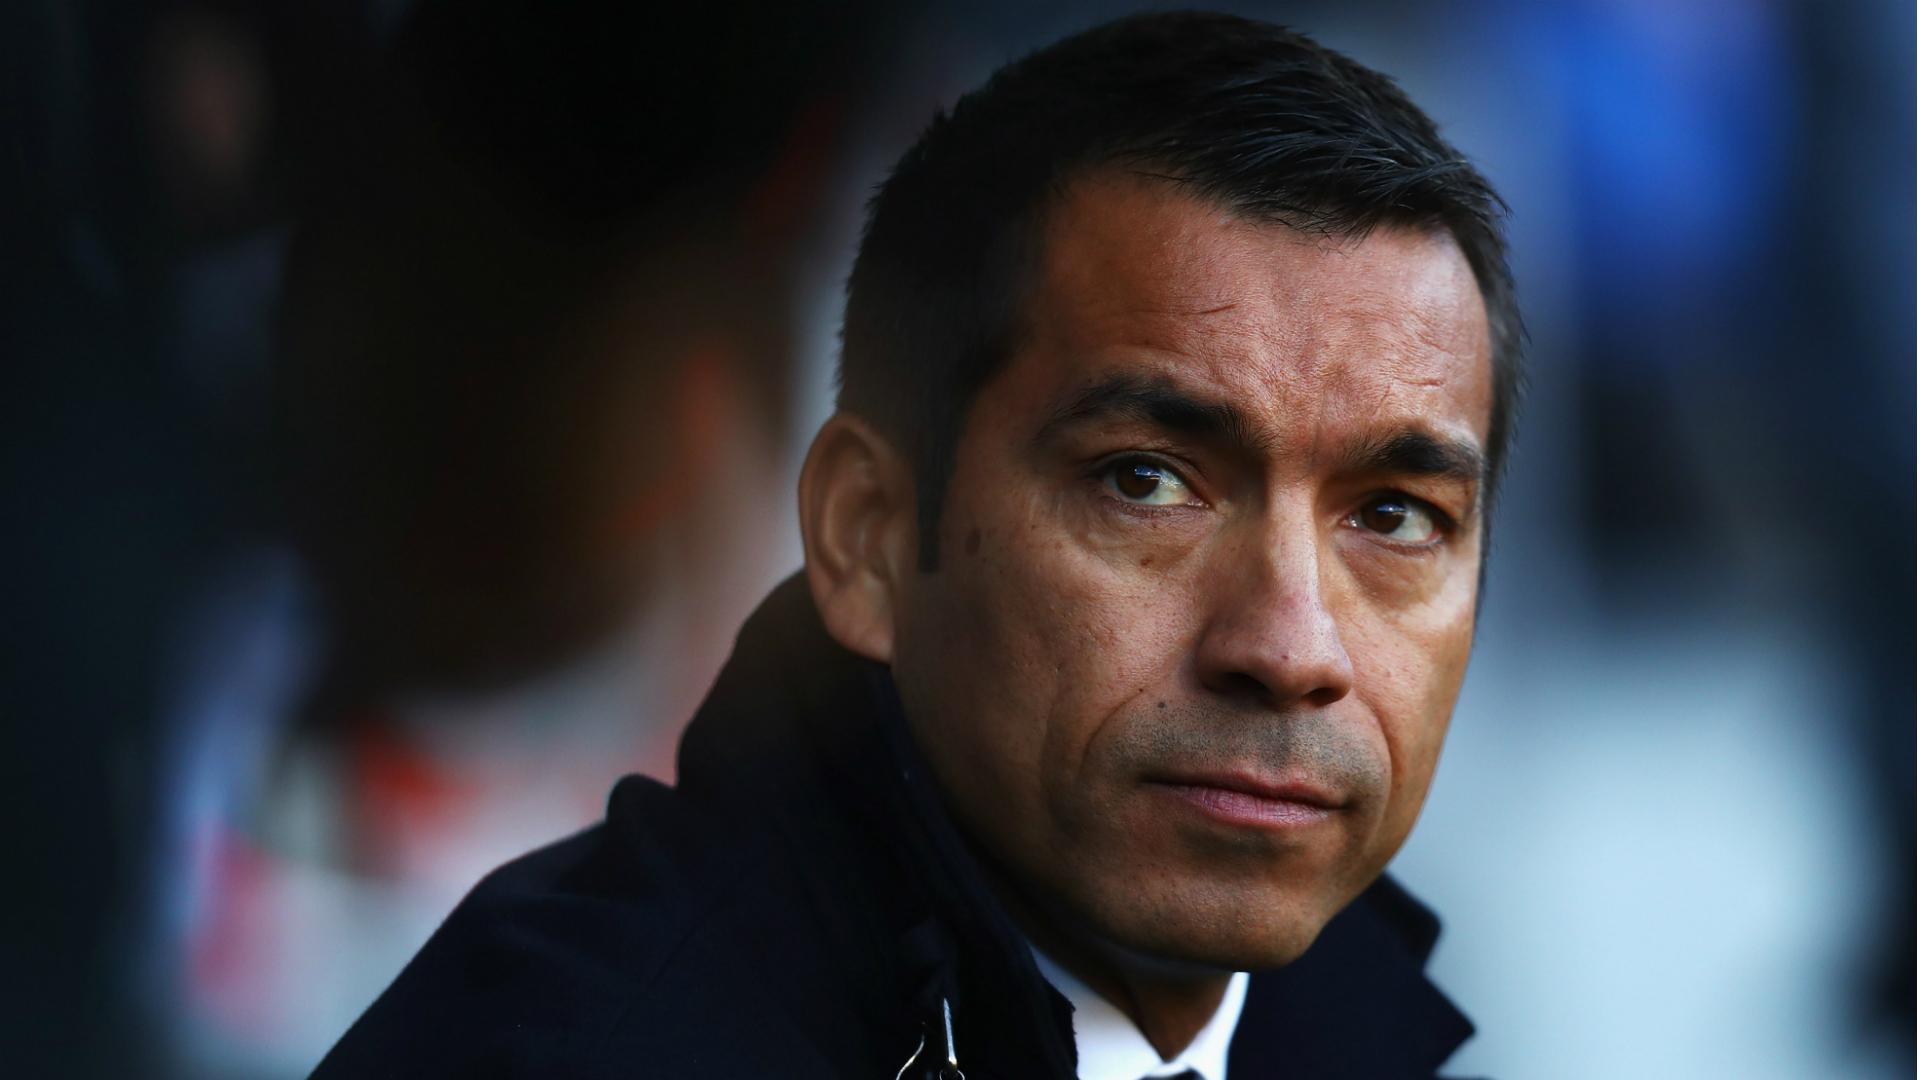 Van Bronckhorst to step down as Feyenoord boss